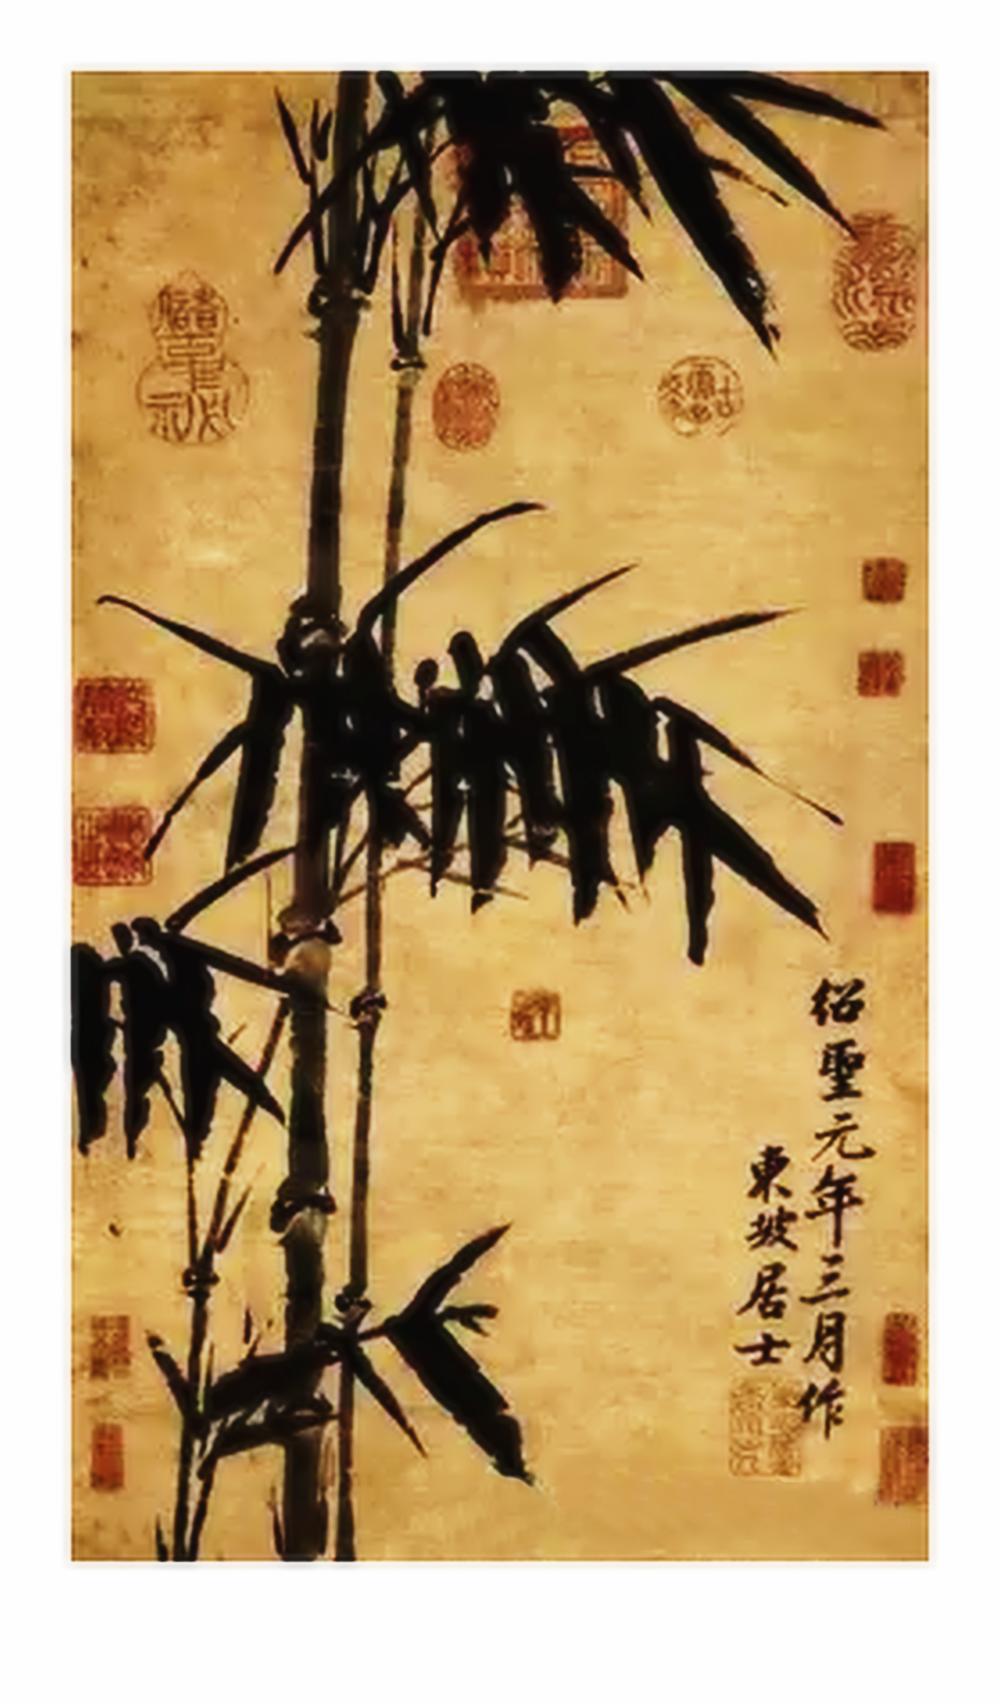 吴梓林的绘画与书法_图1-2